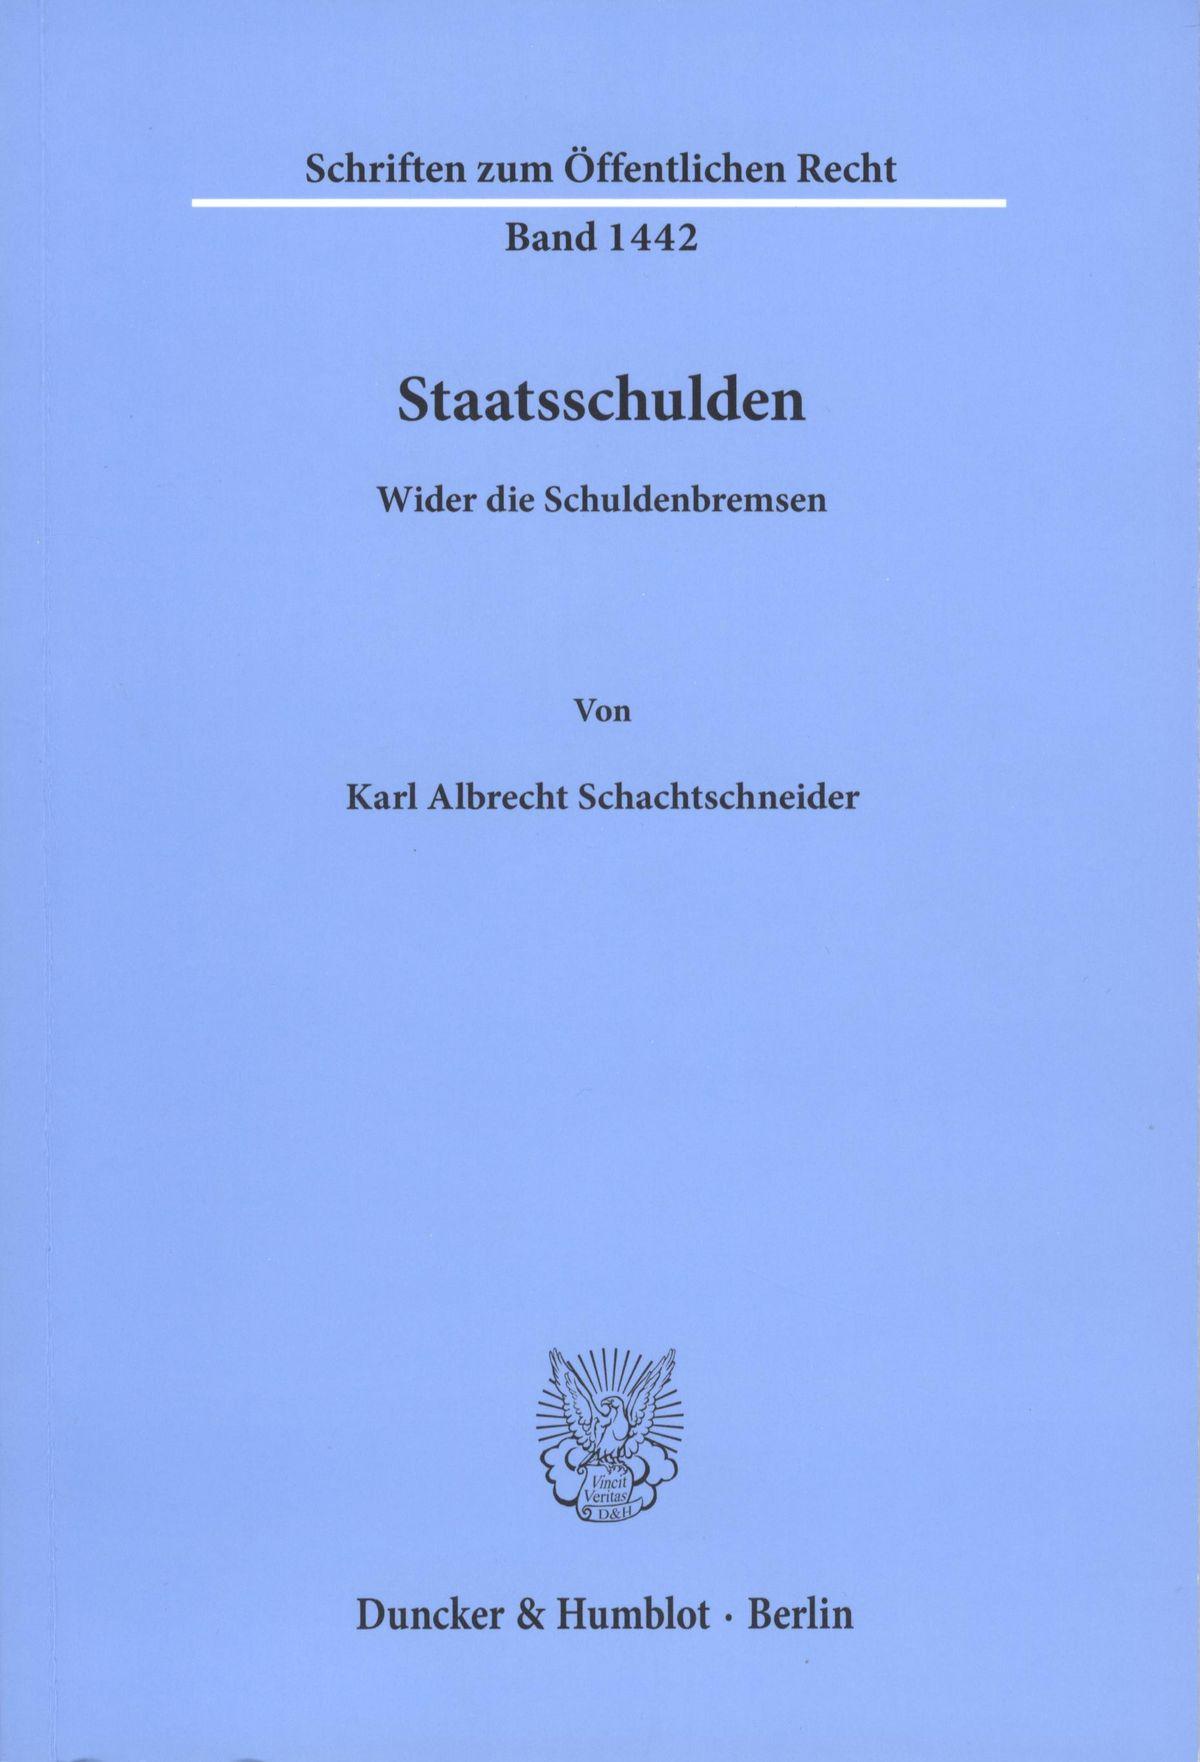 https://www.zeit-fragen.ch/fileadmin/_processed_/b/8/csm_BT-Schachtschneider-Staatsschlden_af003d768d.jpg